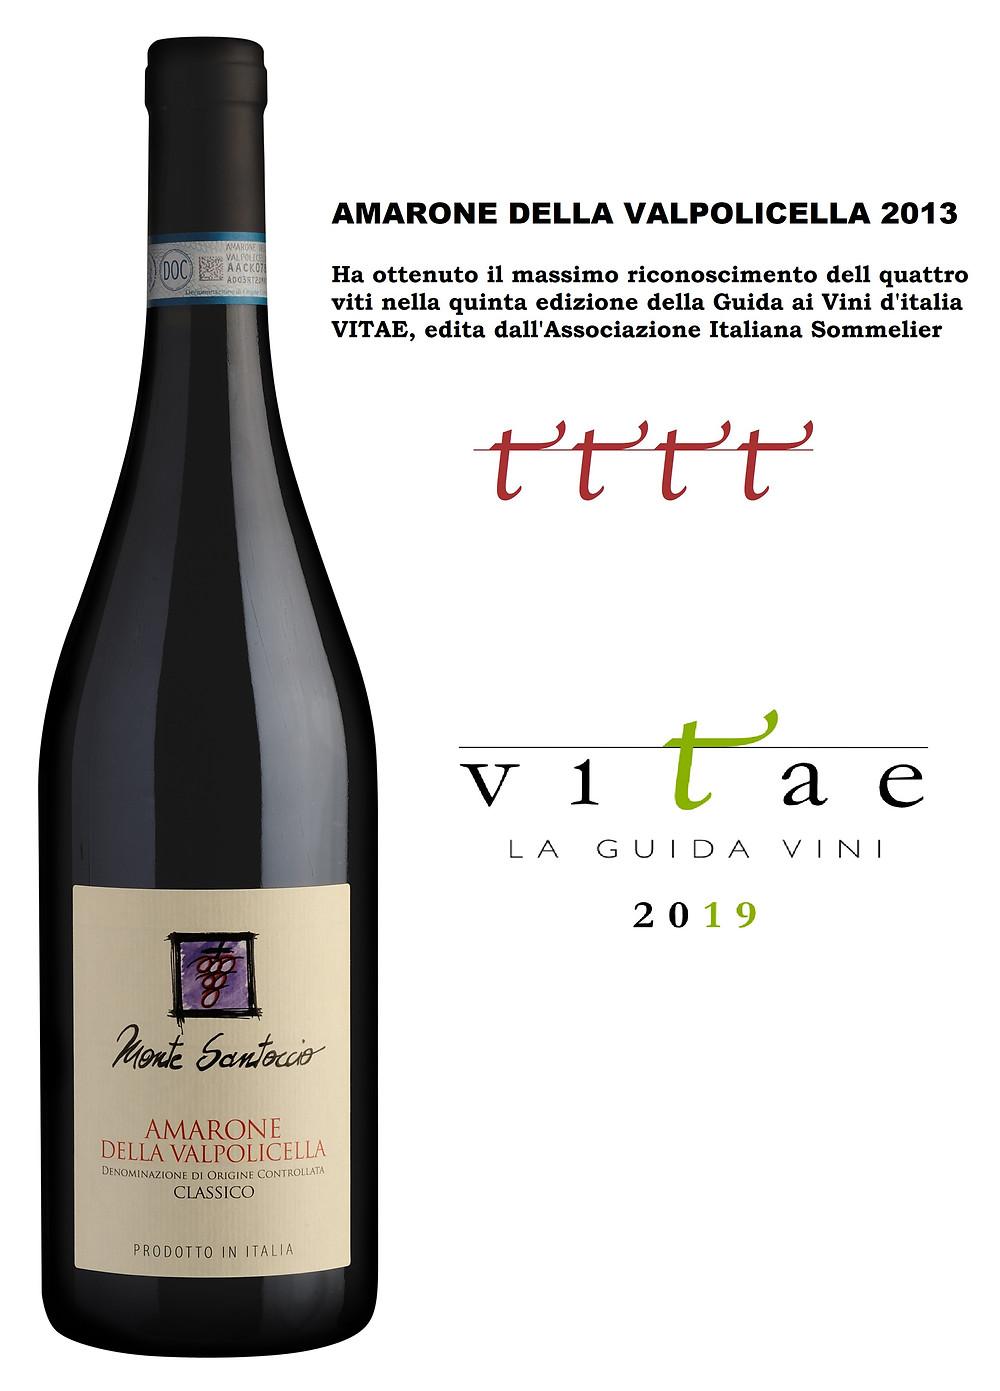 Monte Santoccio Amarone della Valpolicella Classico Guida ai Vini Vitae